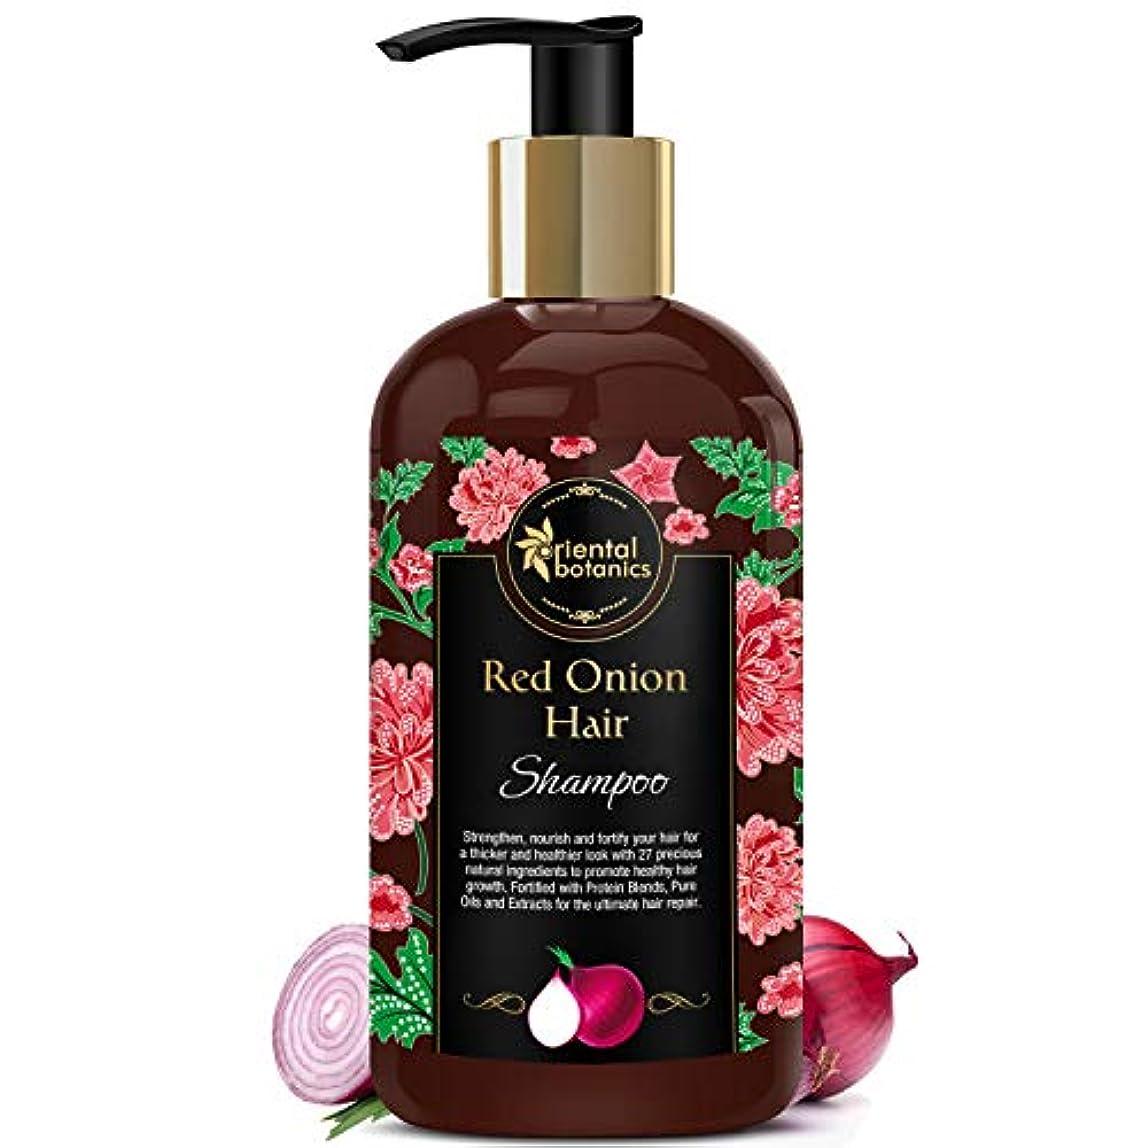 カカドゥ交渉する腐ったOriental Botanics Red Onion Hair Growth Shampoo, 300ml - With 27 Hair Boosters Controls Hair Loss & Promotes Healthy...